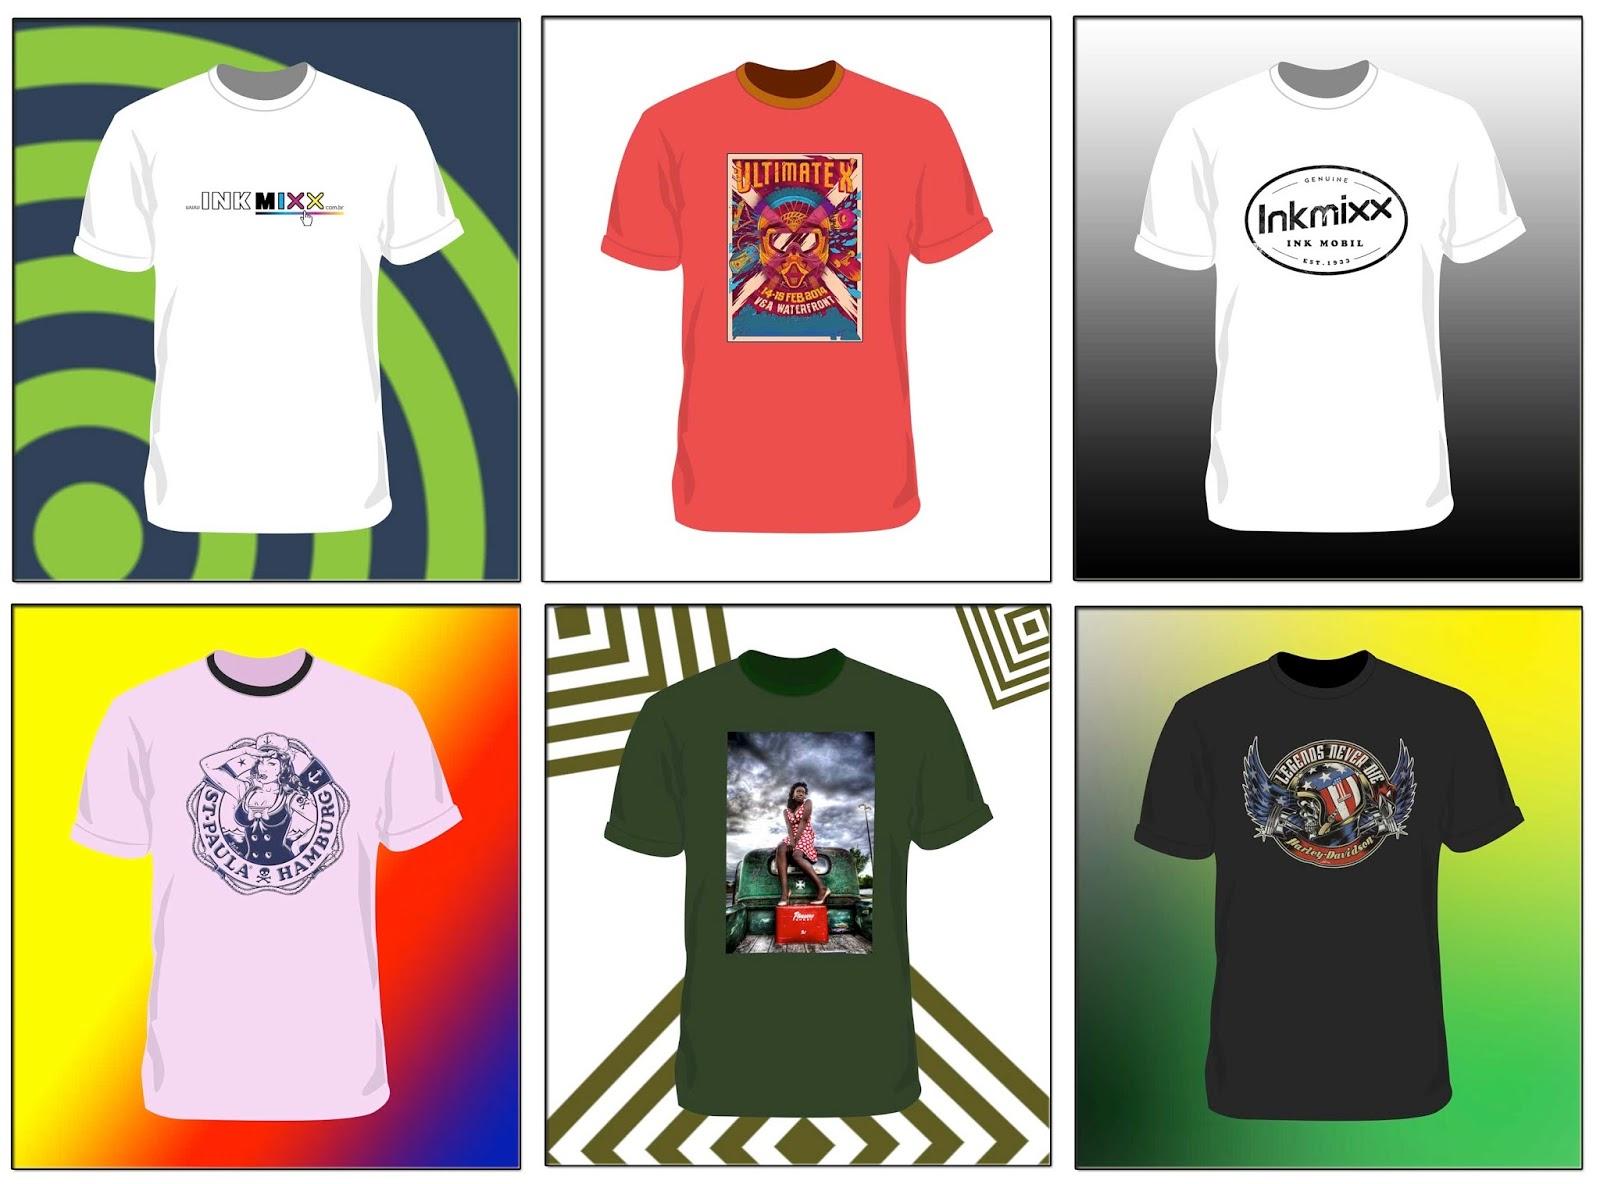 fcf97665071d8 ... mockup de download camisetas Photoshop sublimação filmes grátis  recorte  curso de de e ...